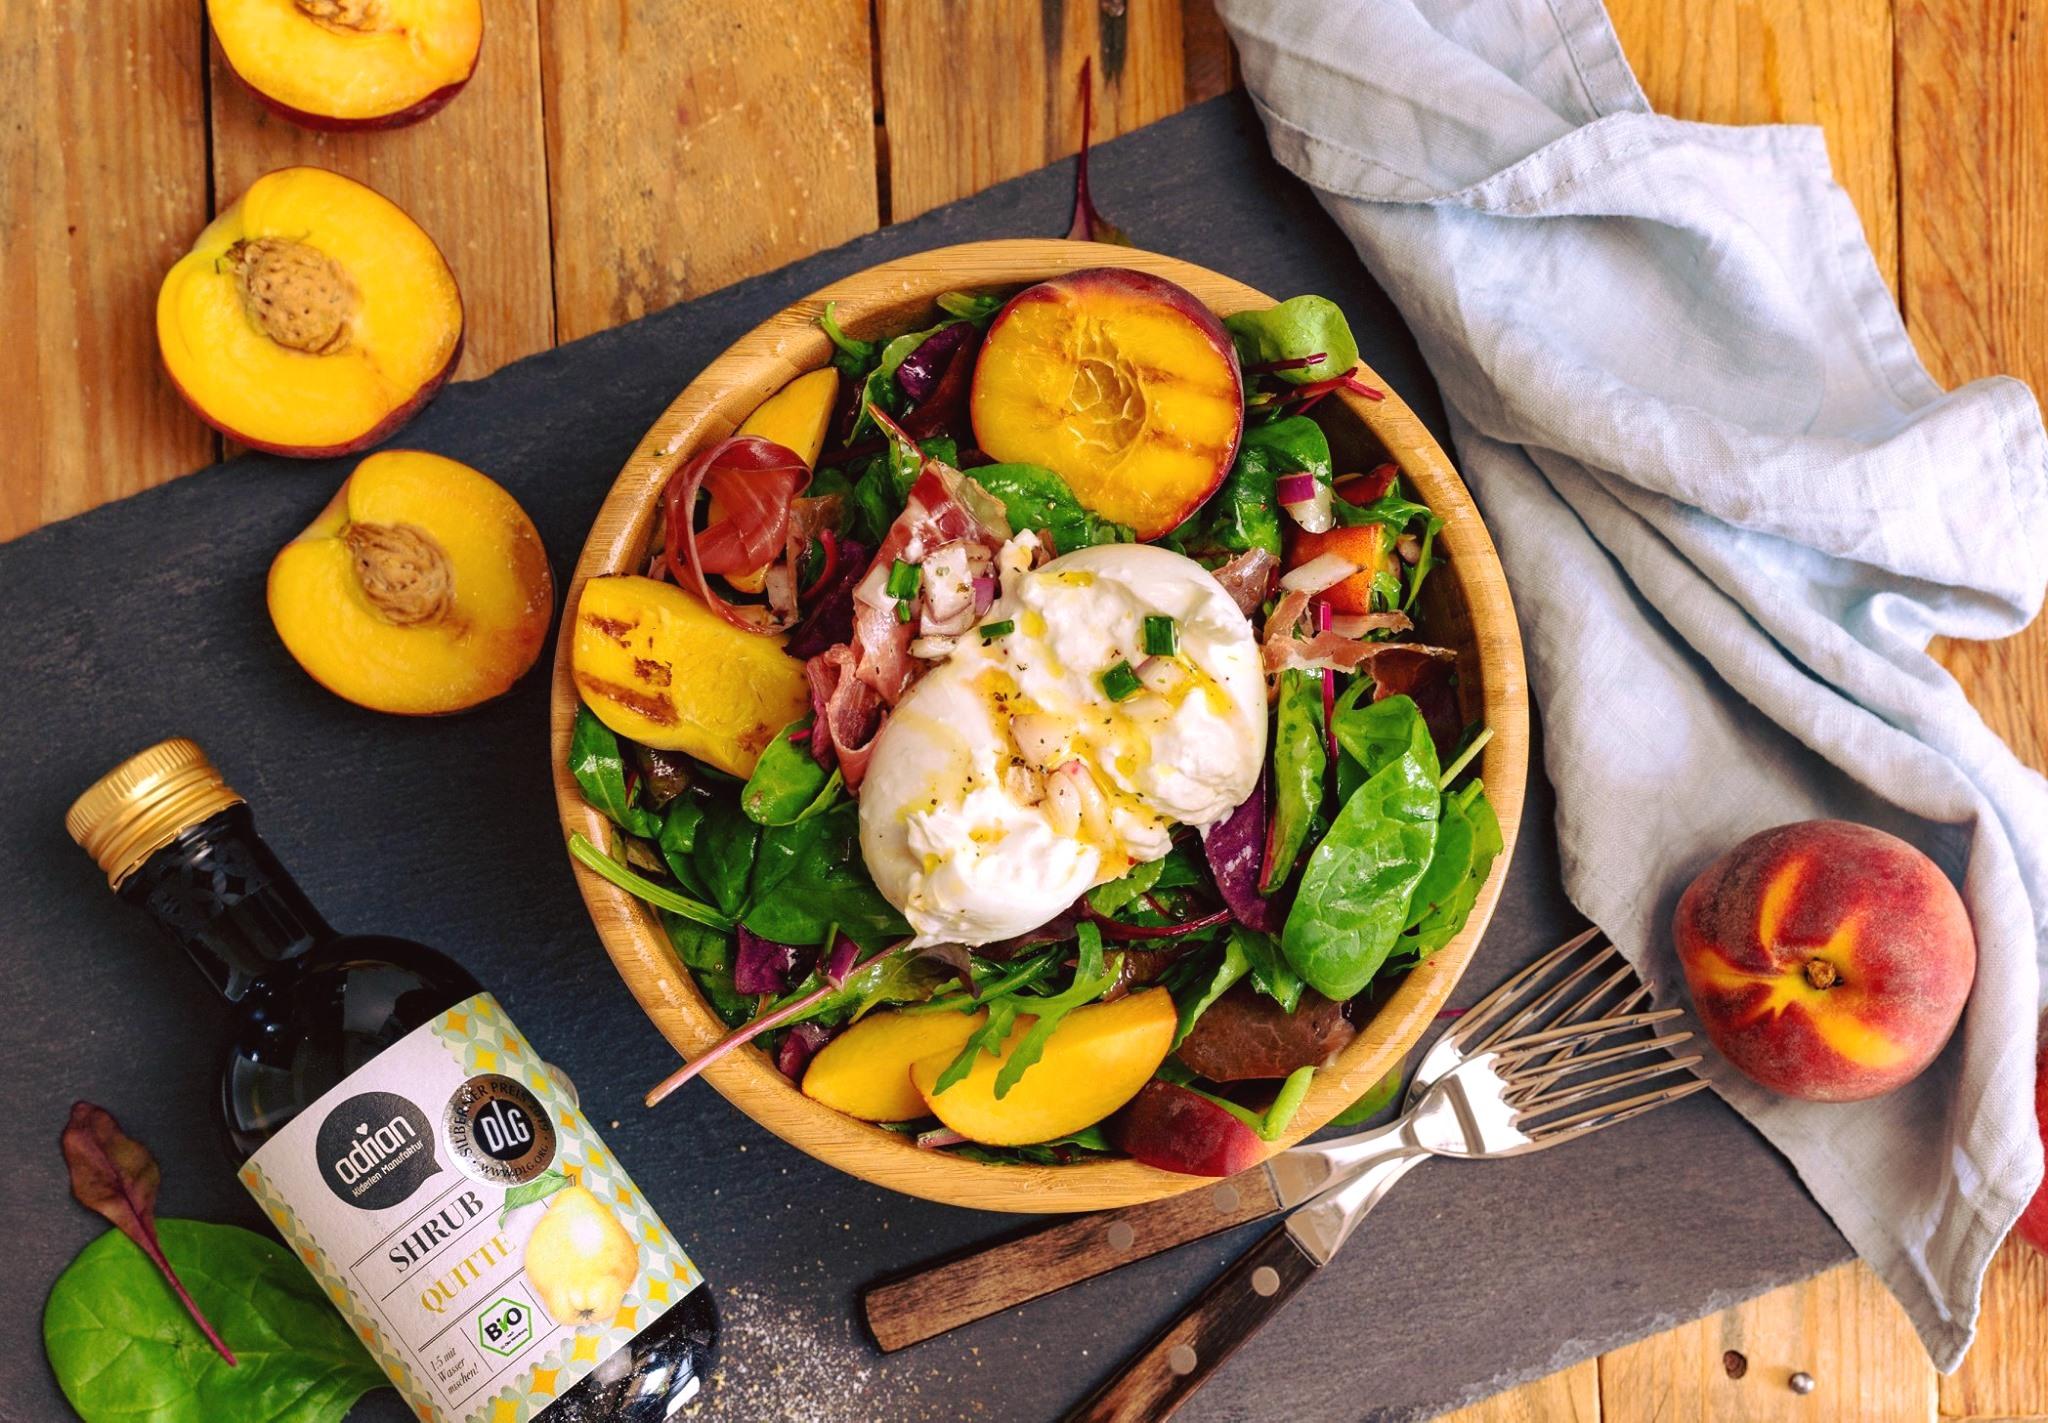 Sommersalat mit gegrillten Pfirsichen und @Quitten Shrub